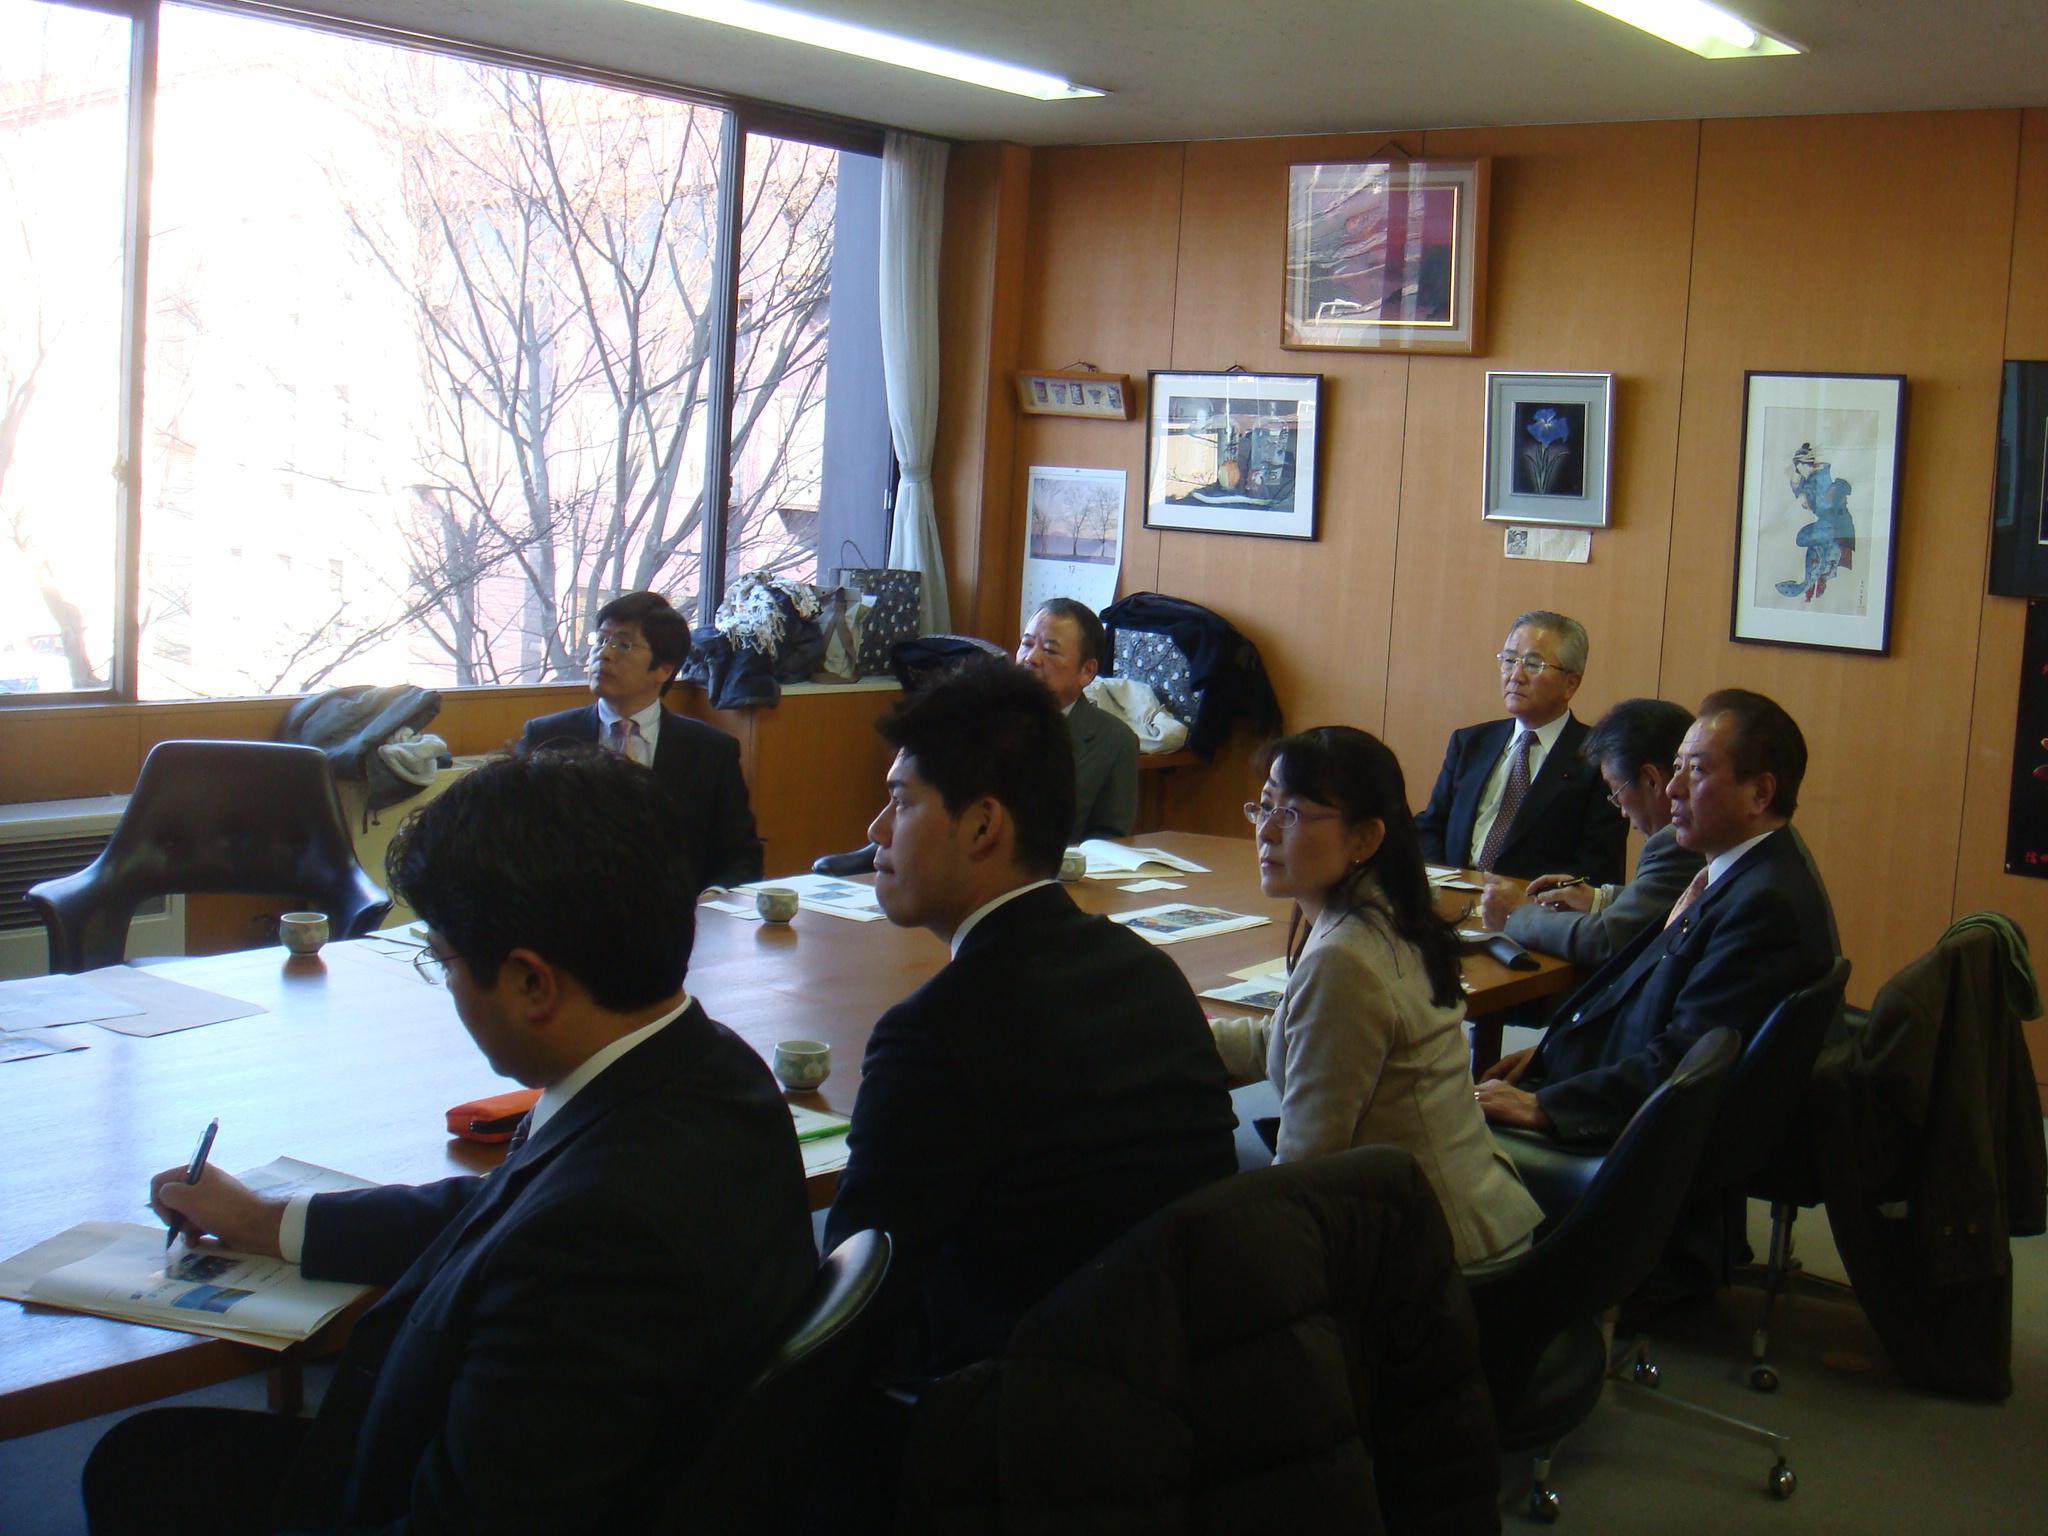 http://h-okiyama-sumida.jp/blog/2012/02/24/DSC02922.JPG